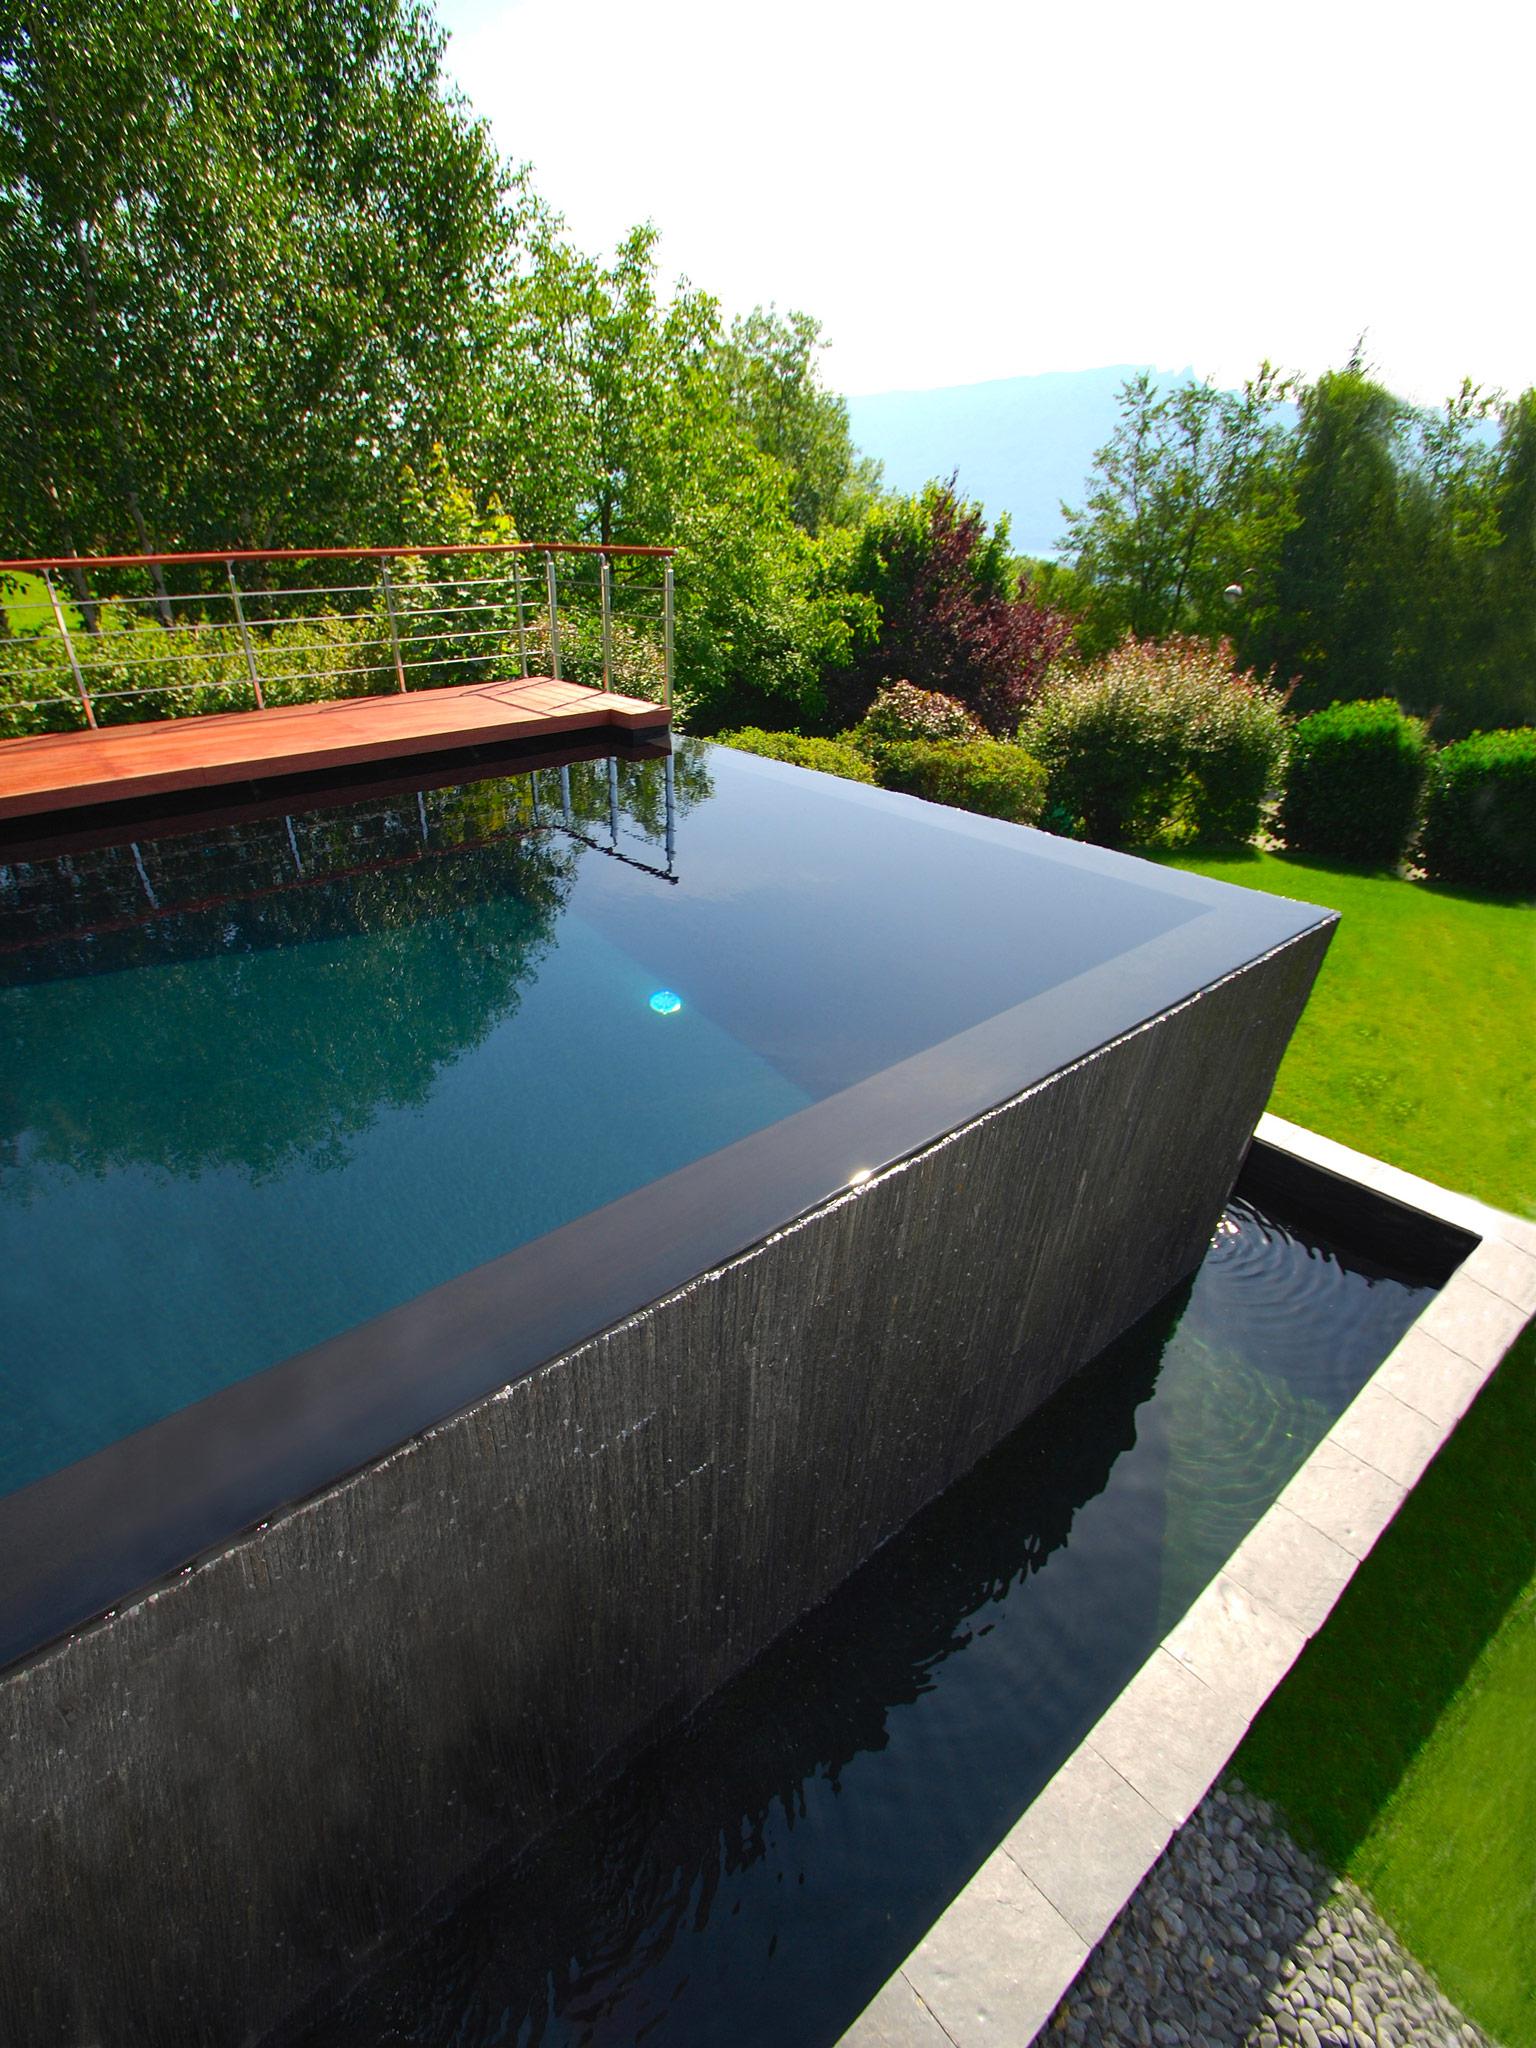 Eclairage piscine debordement - Piscine debordement ...